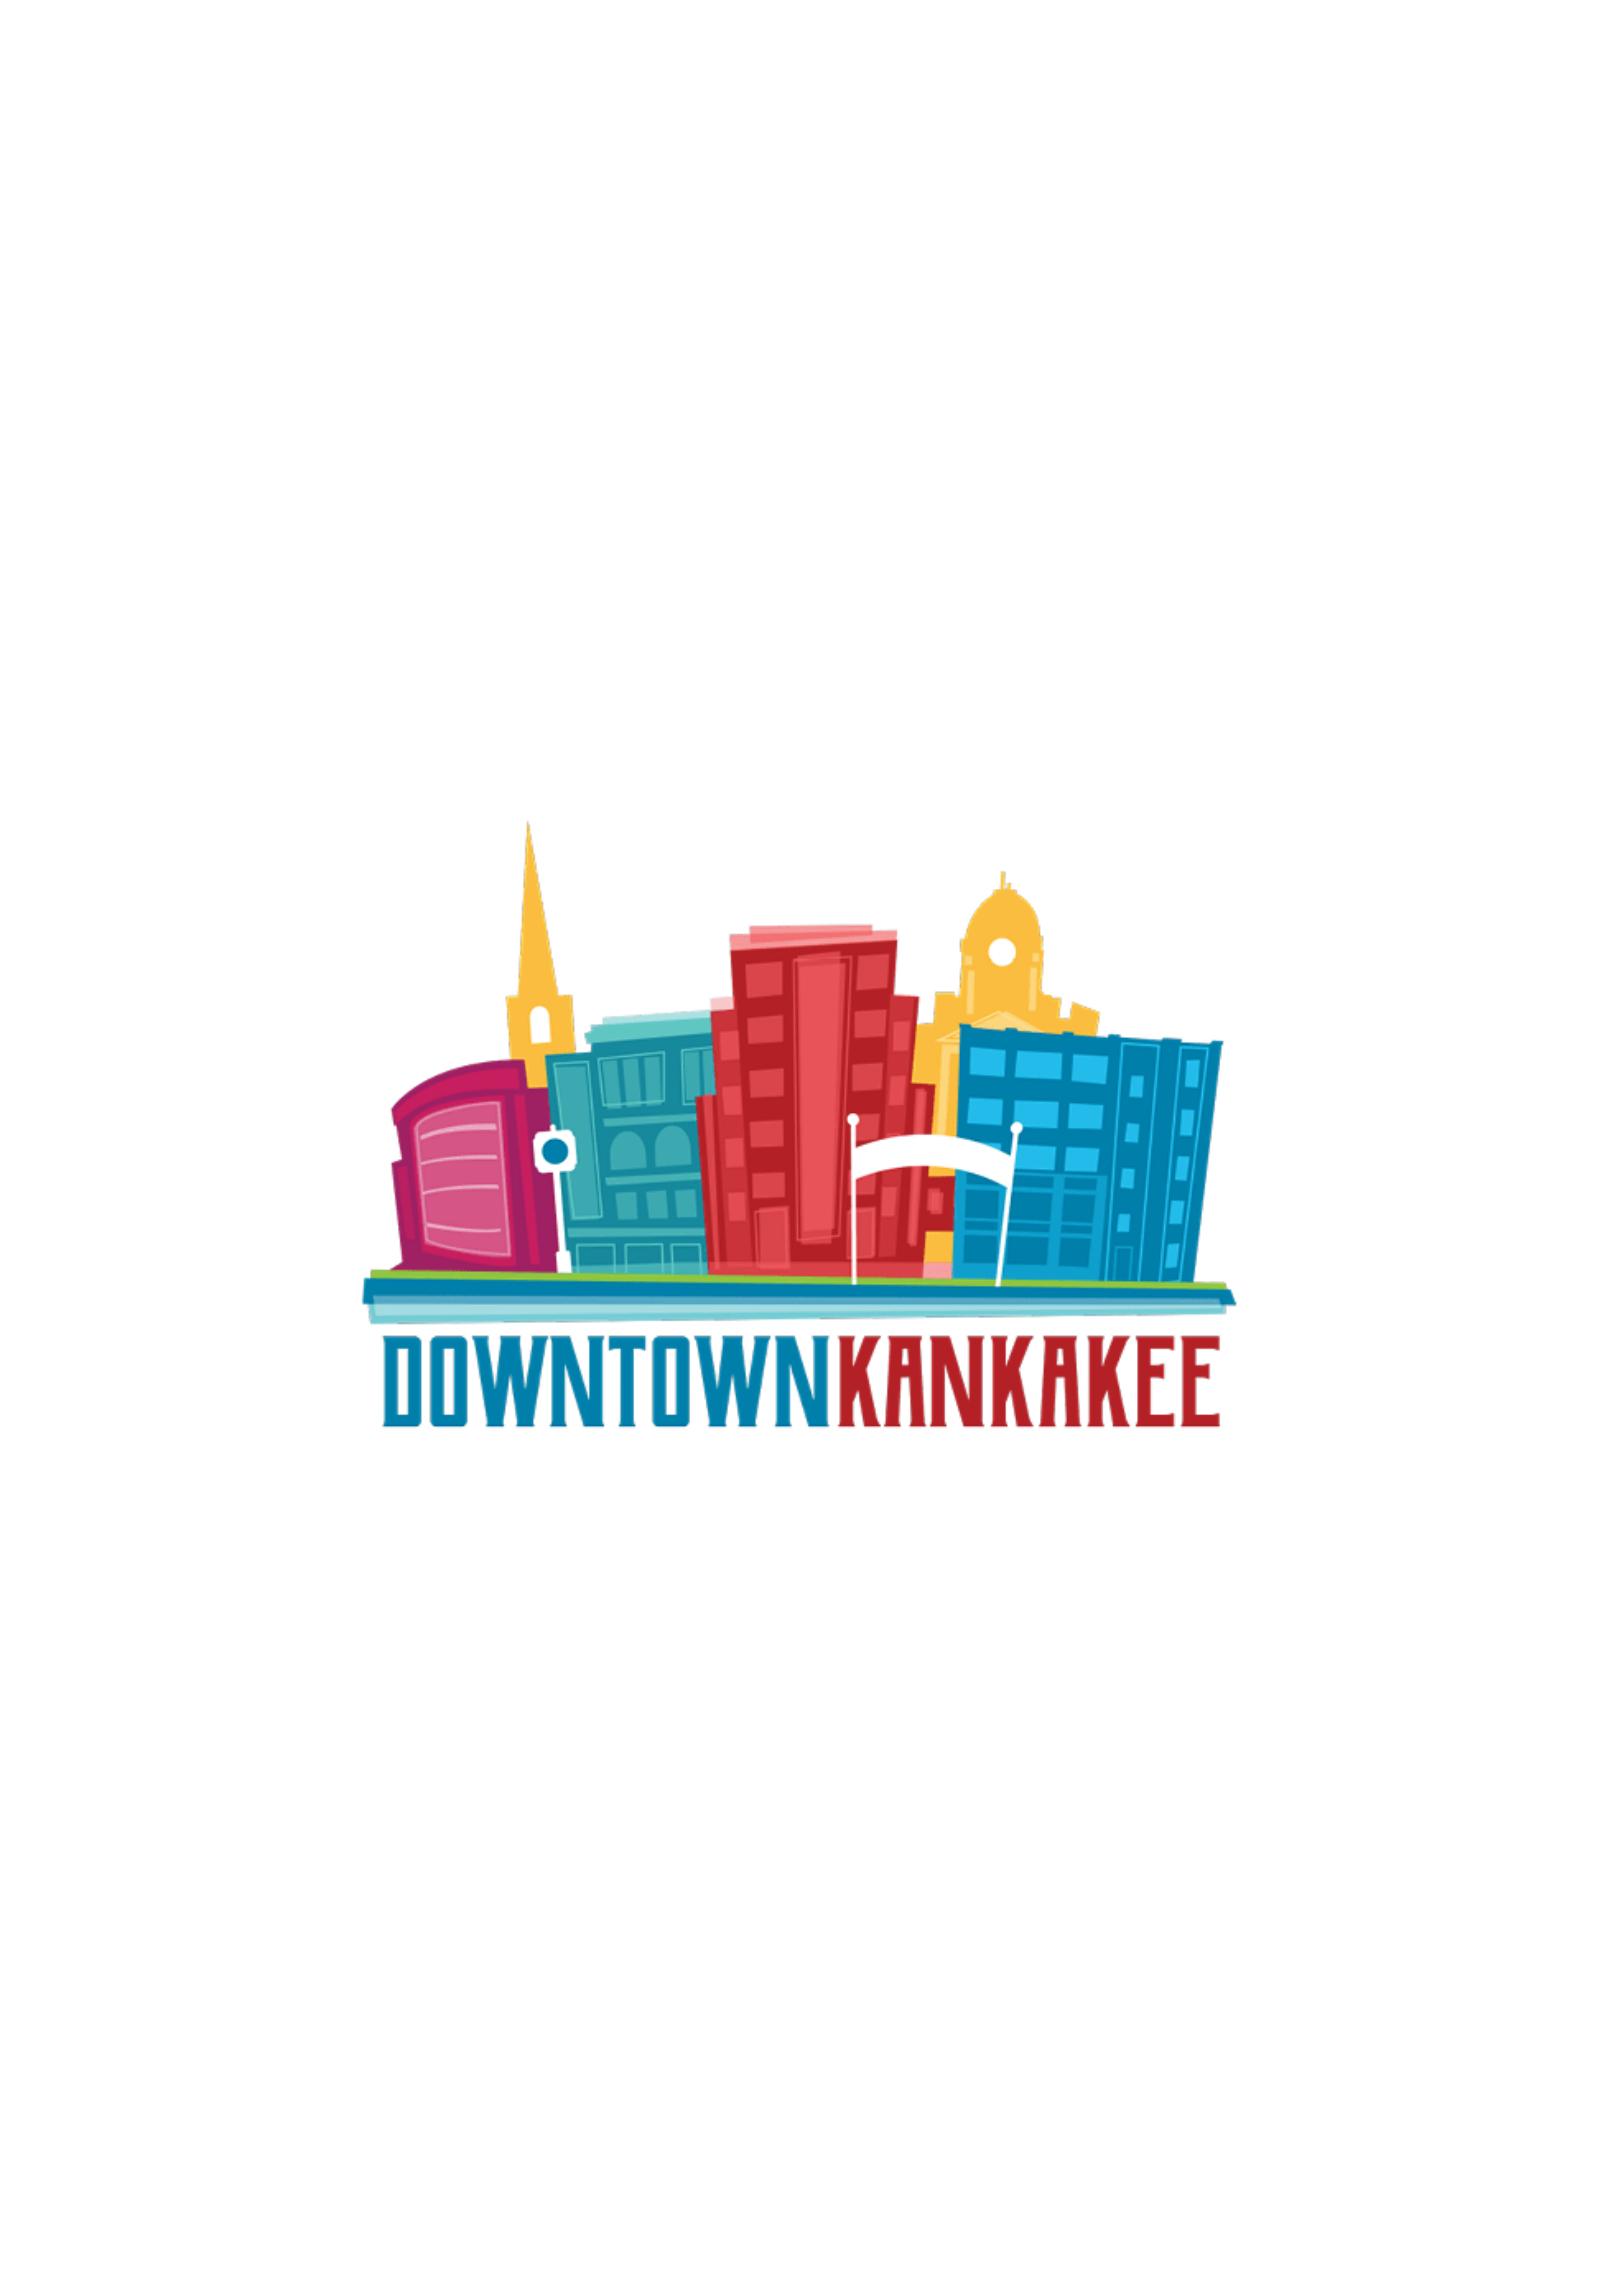 Downtown Kankakee